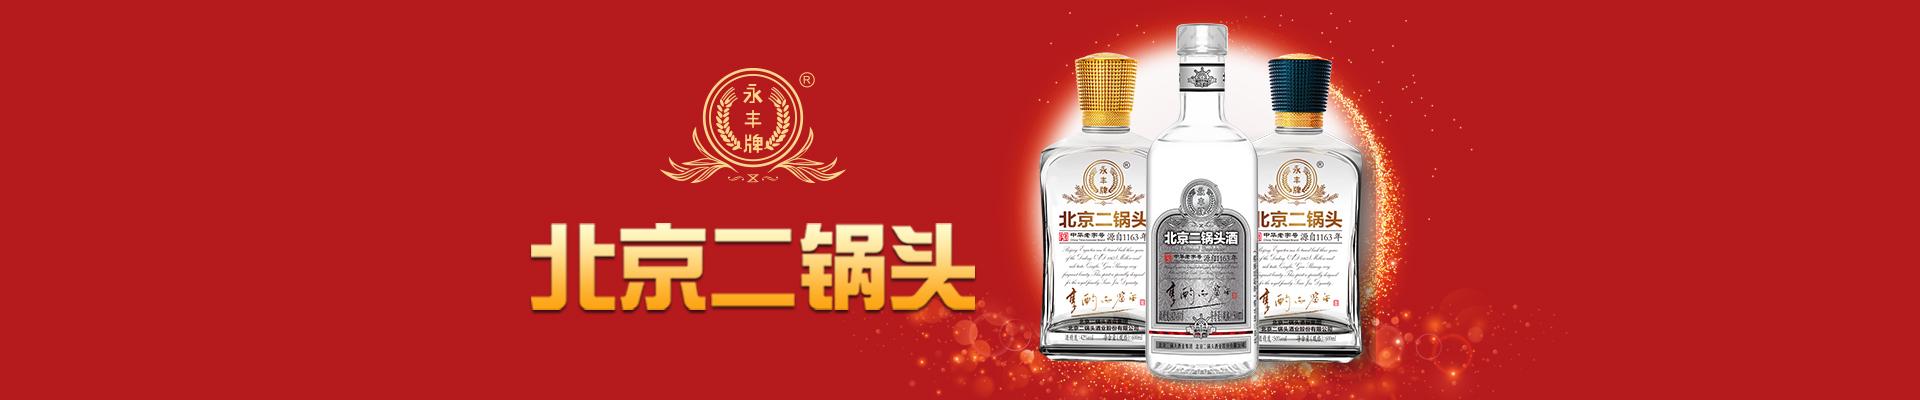 北京二锅头酒业股份有限公司·享酌品鉴酒